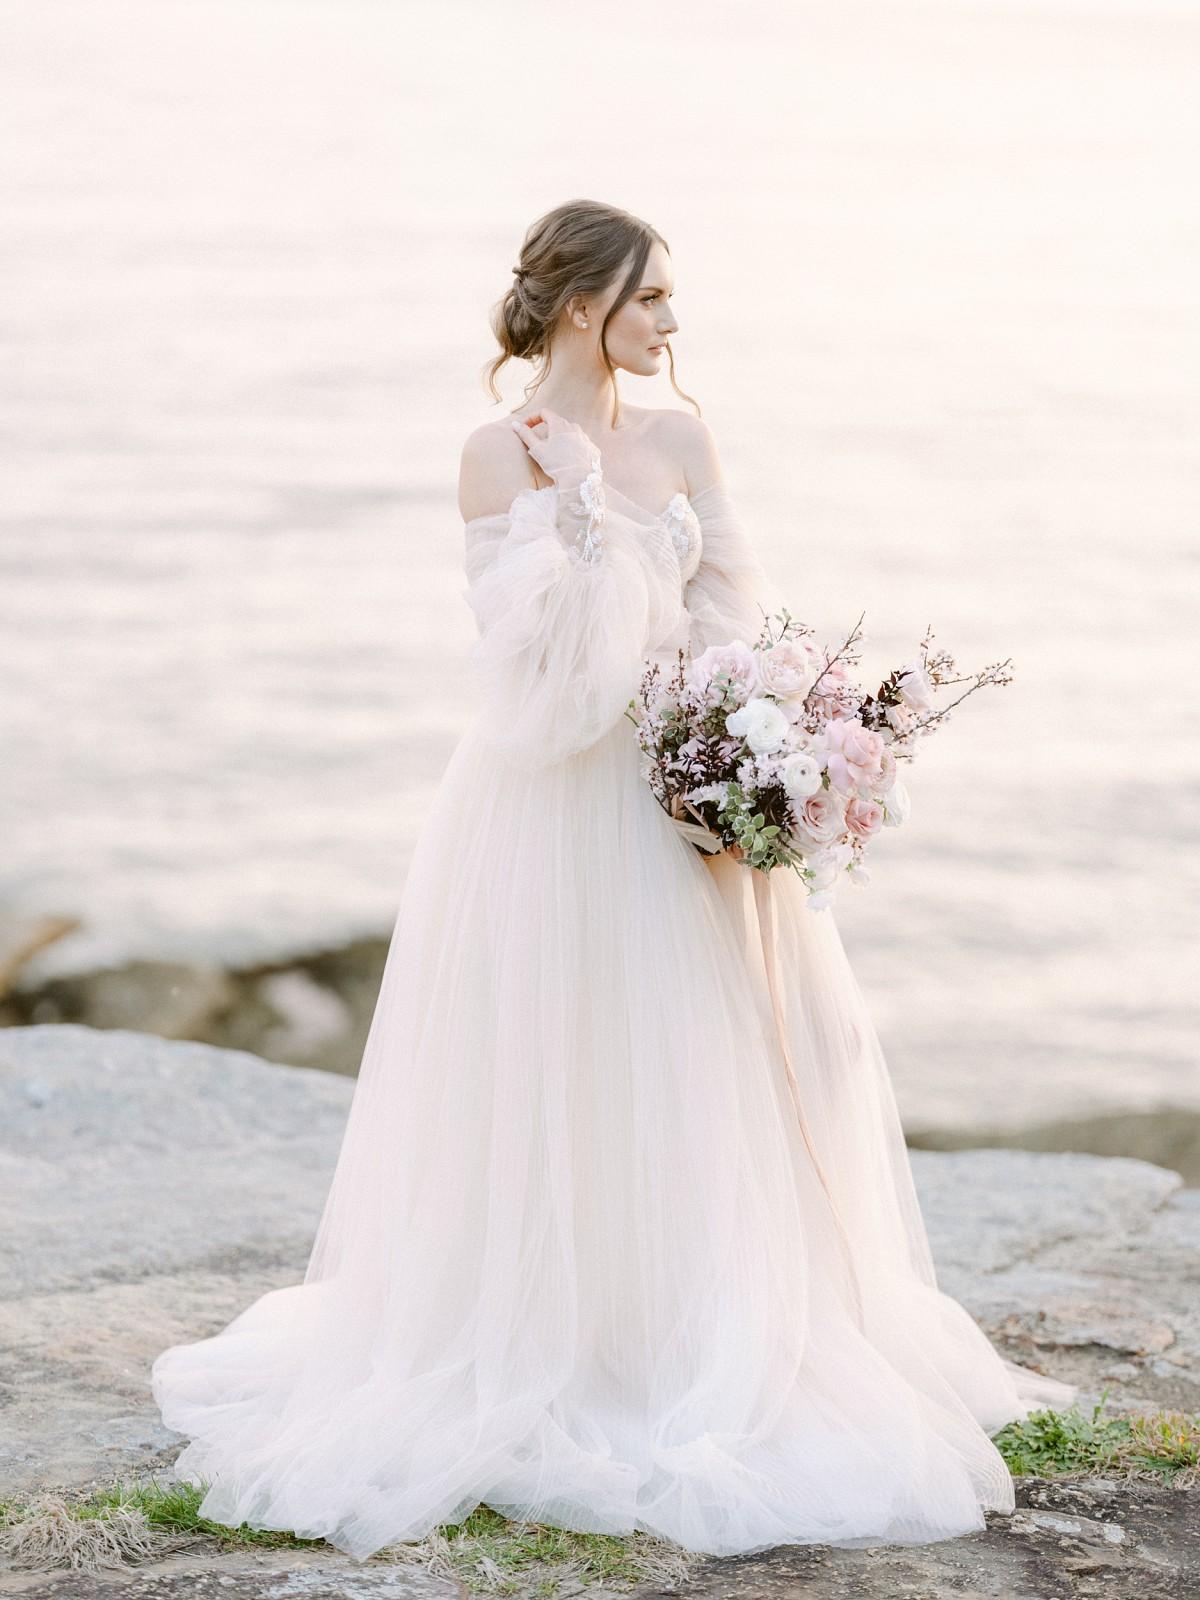 choosing a Galia Lahav wedding dress